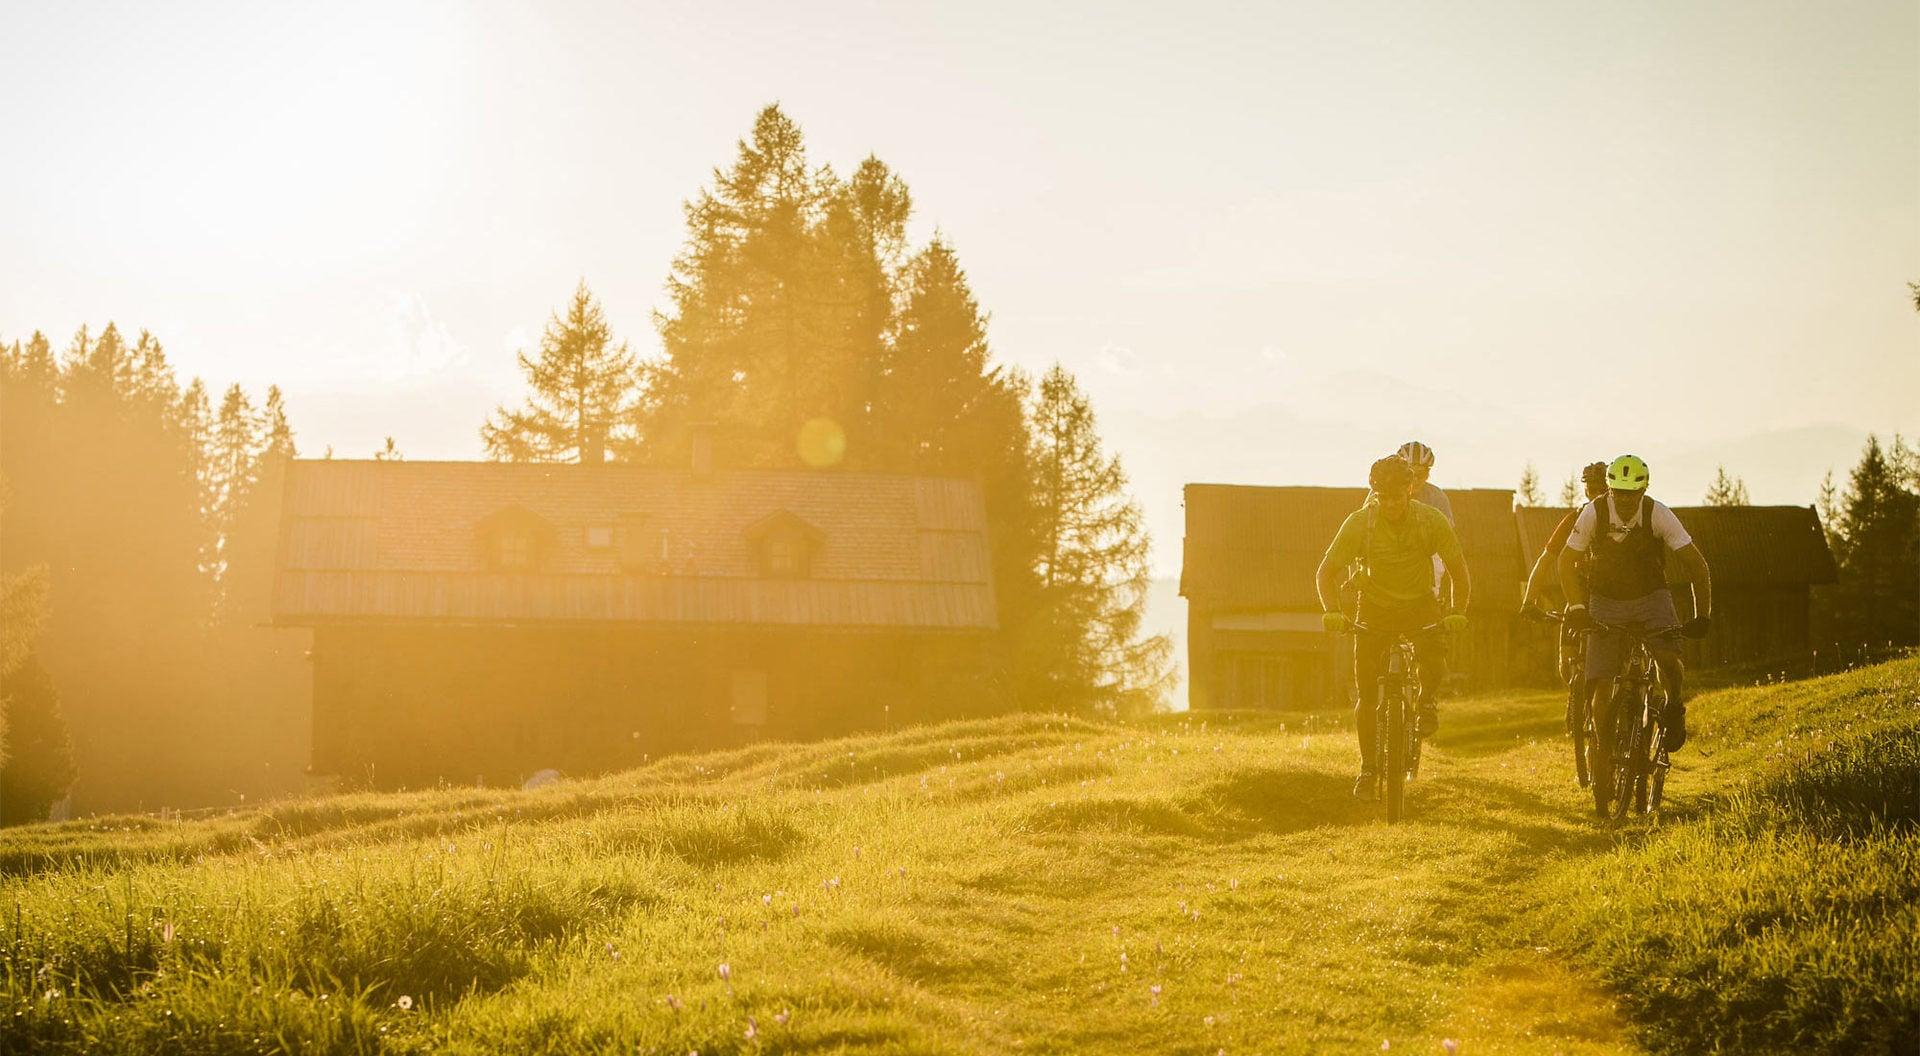 Biken - Trails oder Talradwege? Extrem oder sanft?